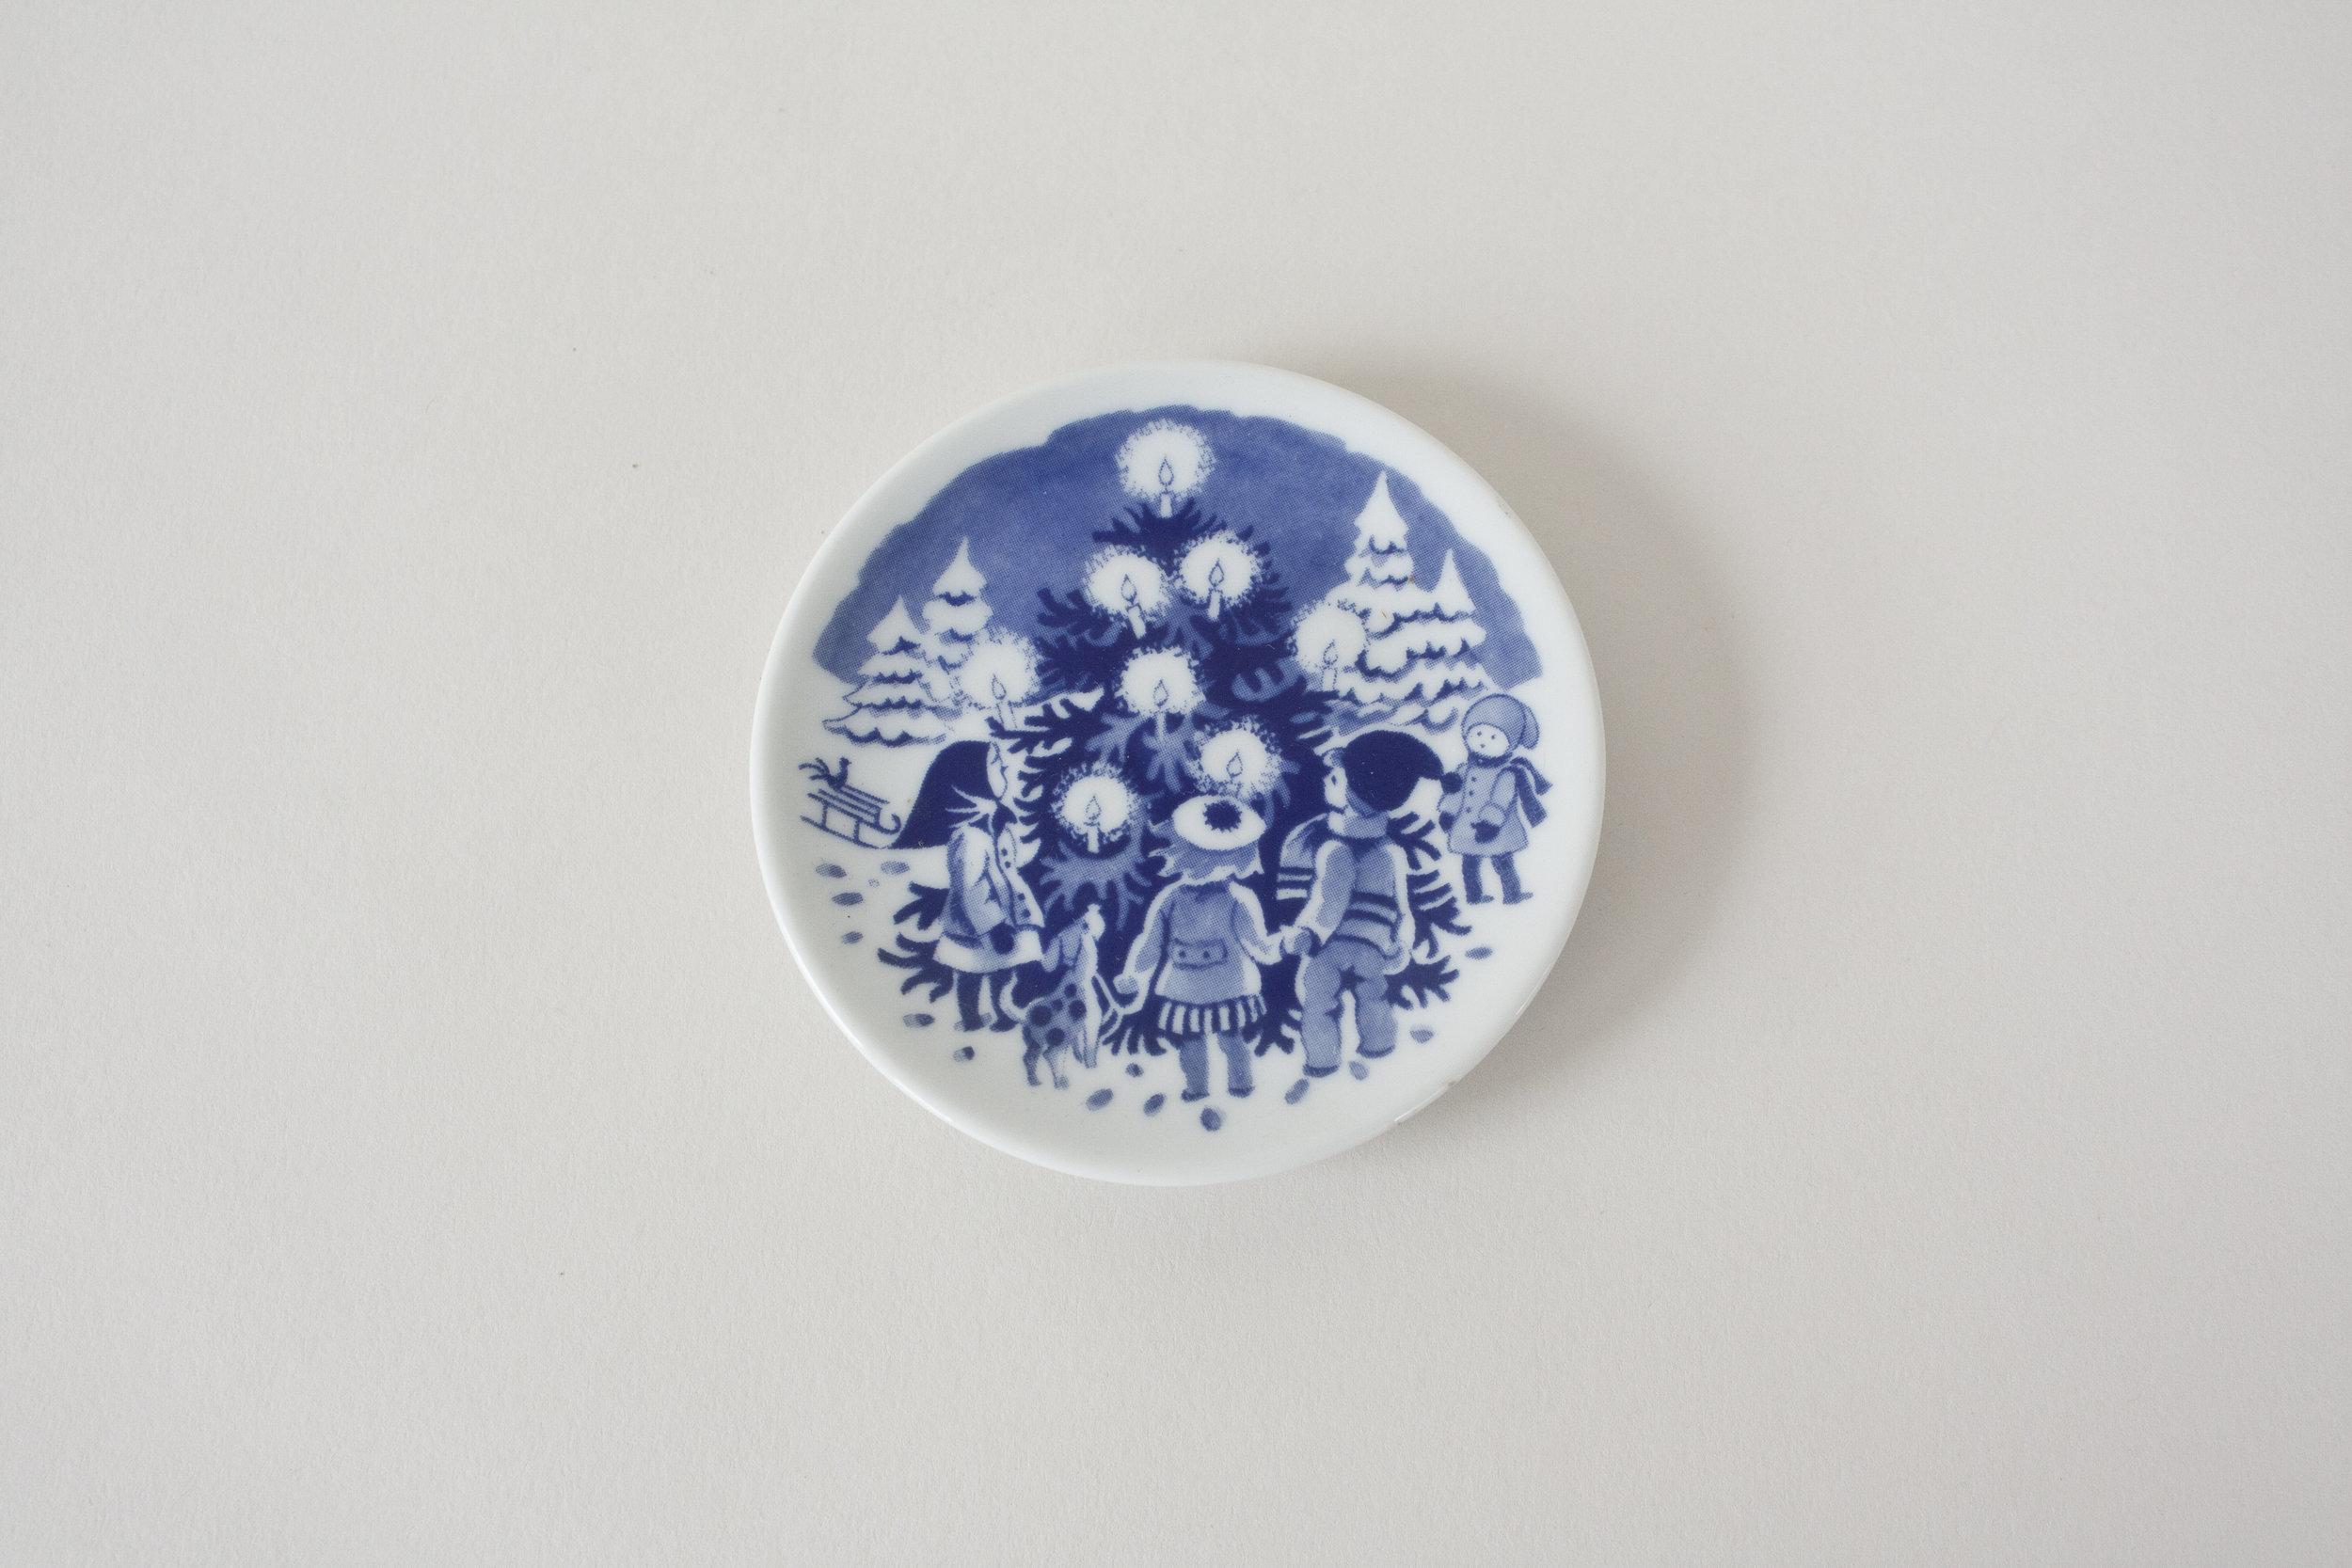 16-3. blue transfer ware mini plate